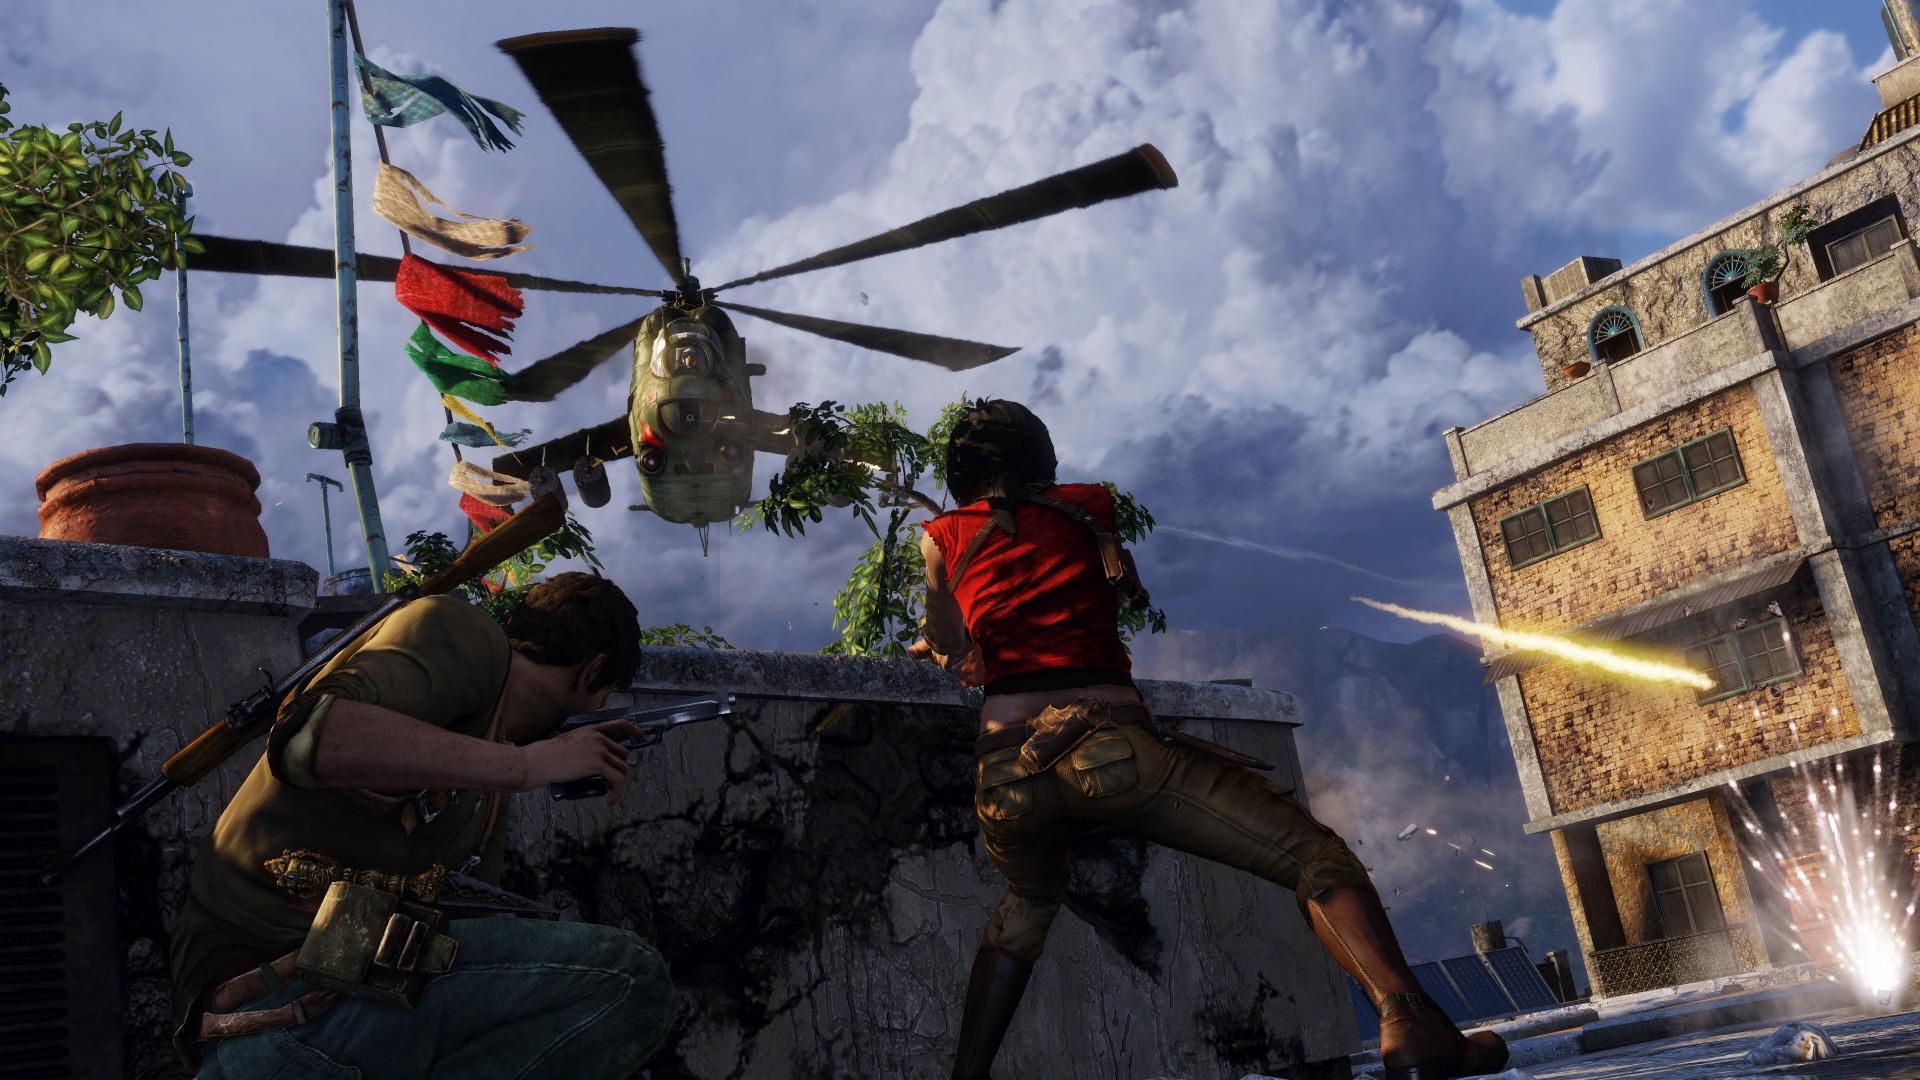 První gameplay záběry a obrázky z kolekce Uncharted 111552